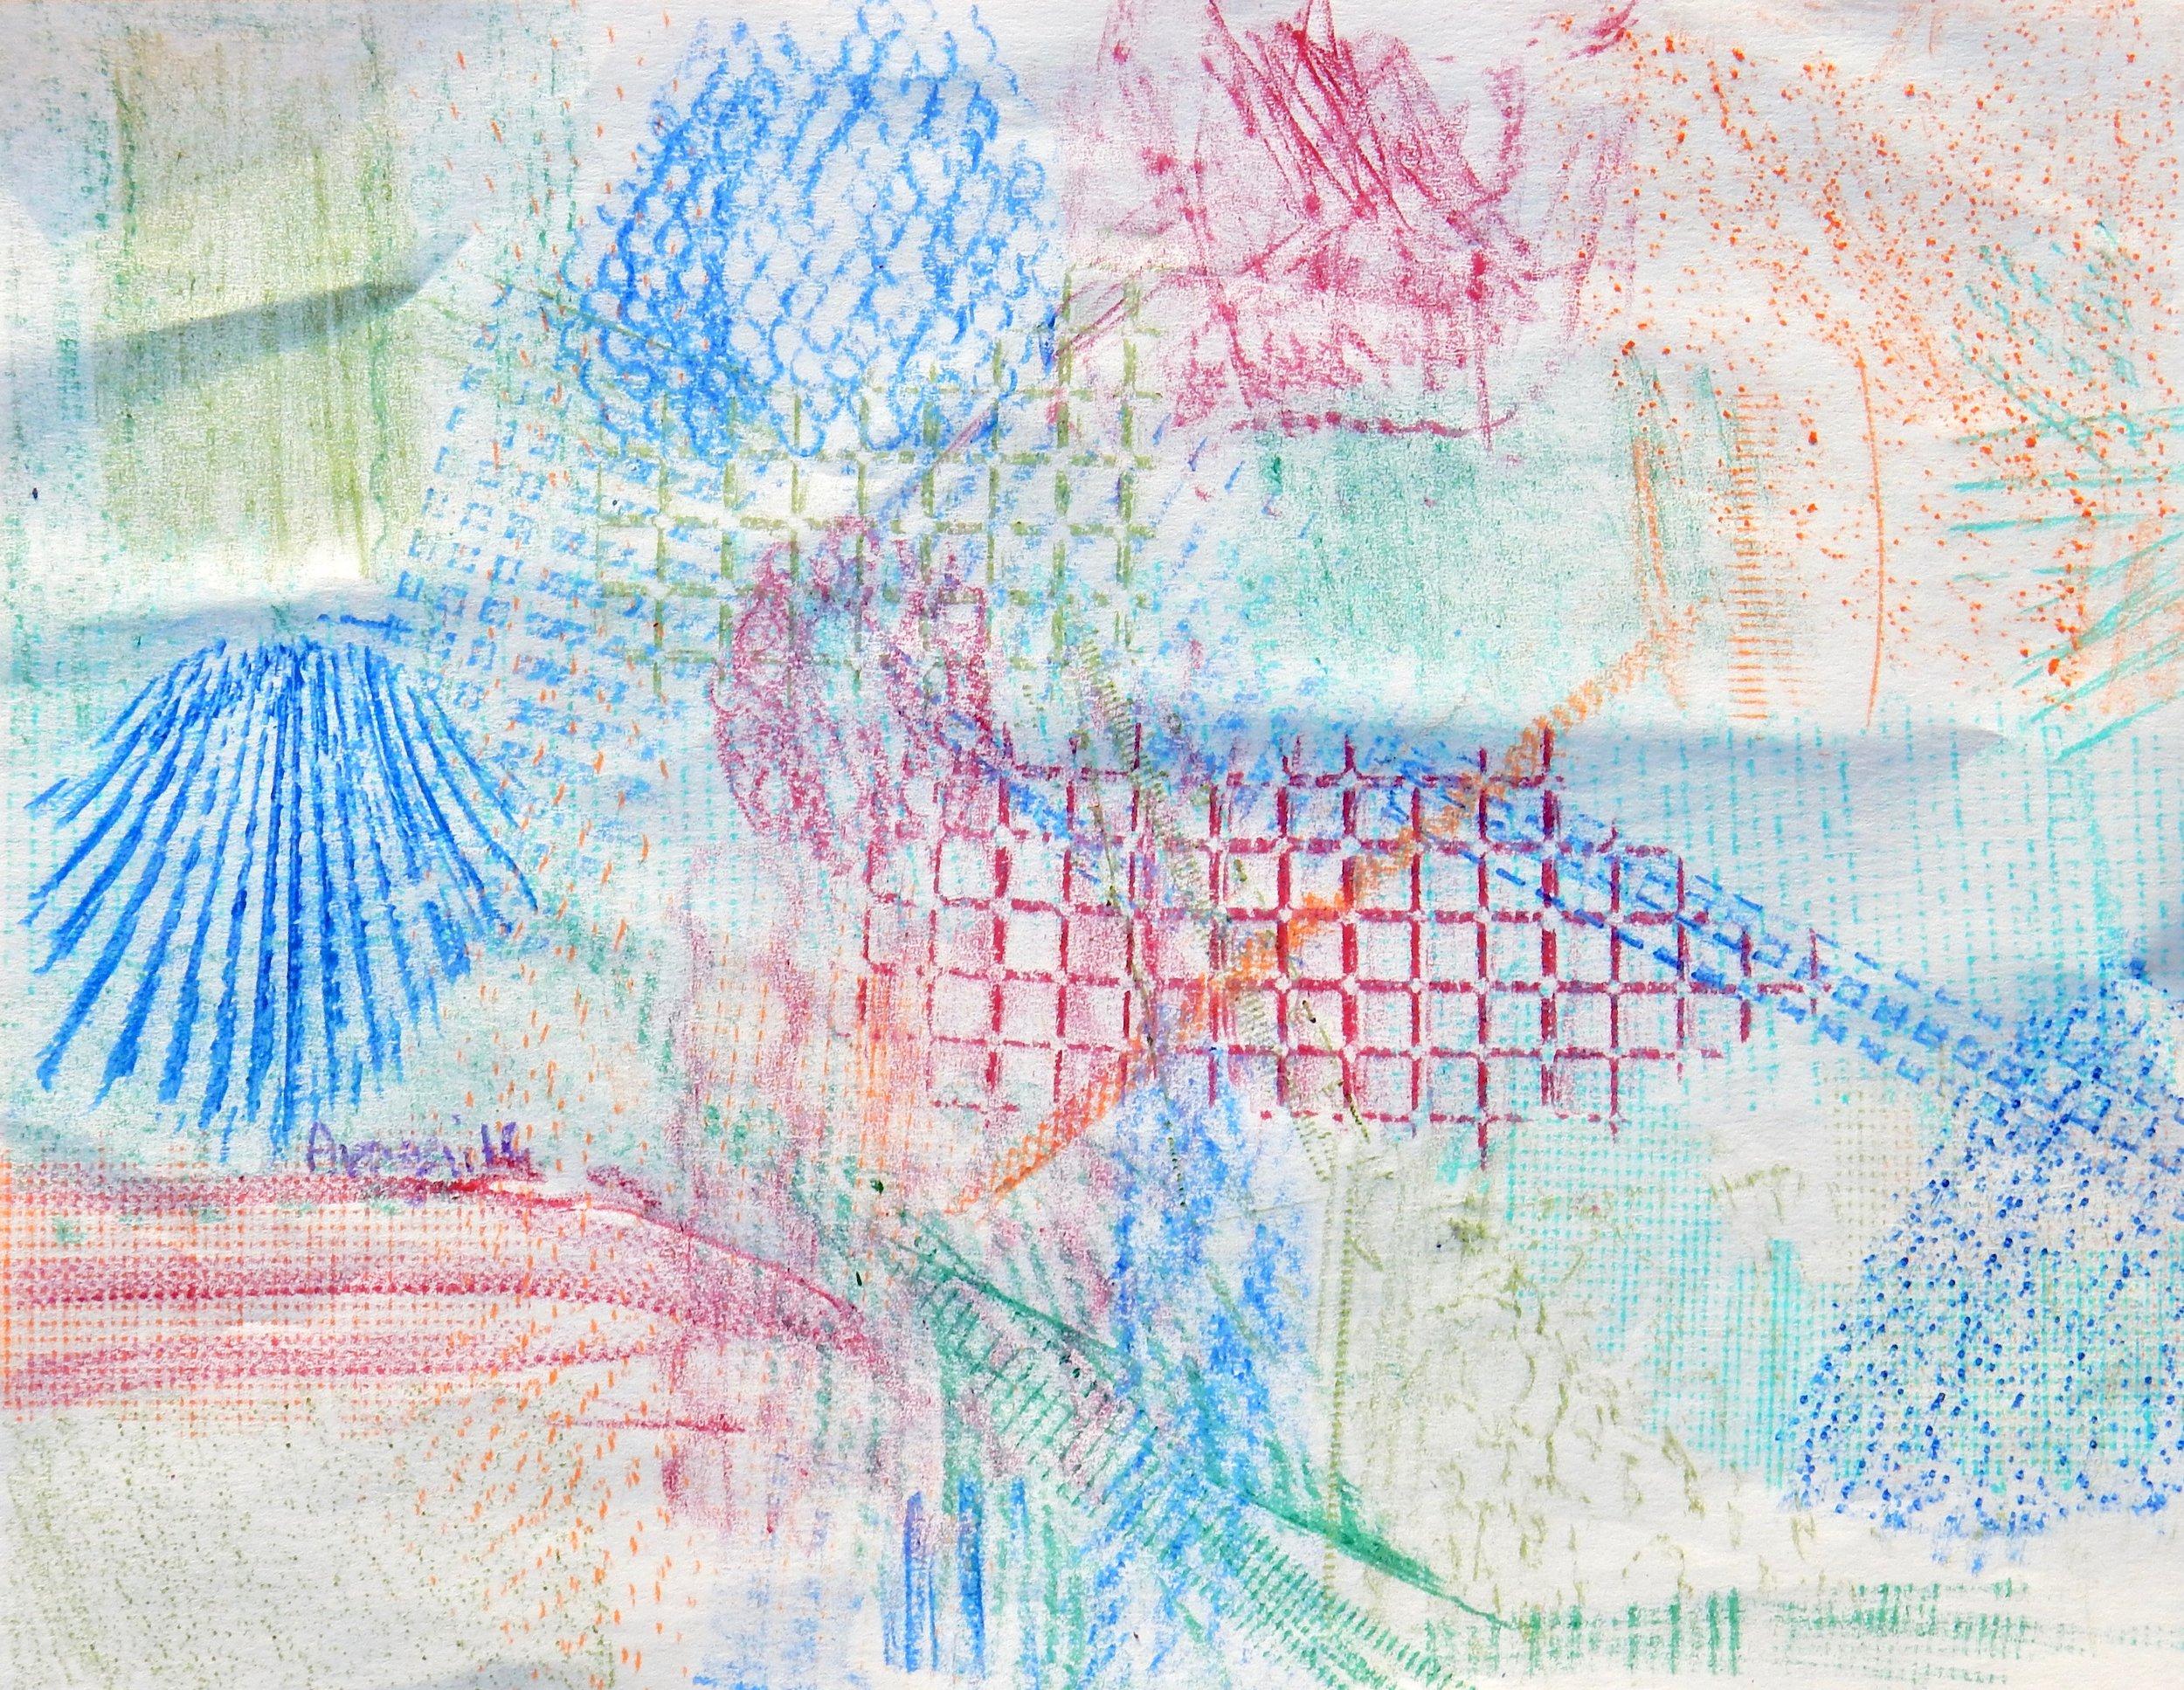 Avagail Cabral.collage rubbing.crayon